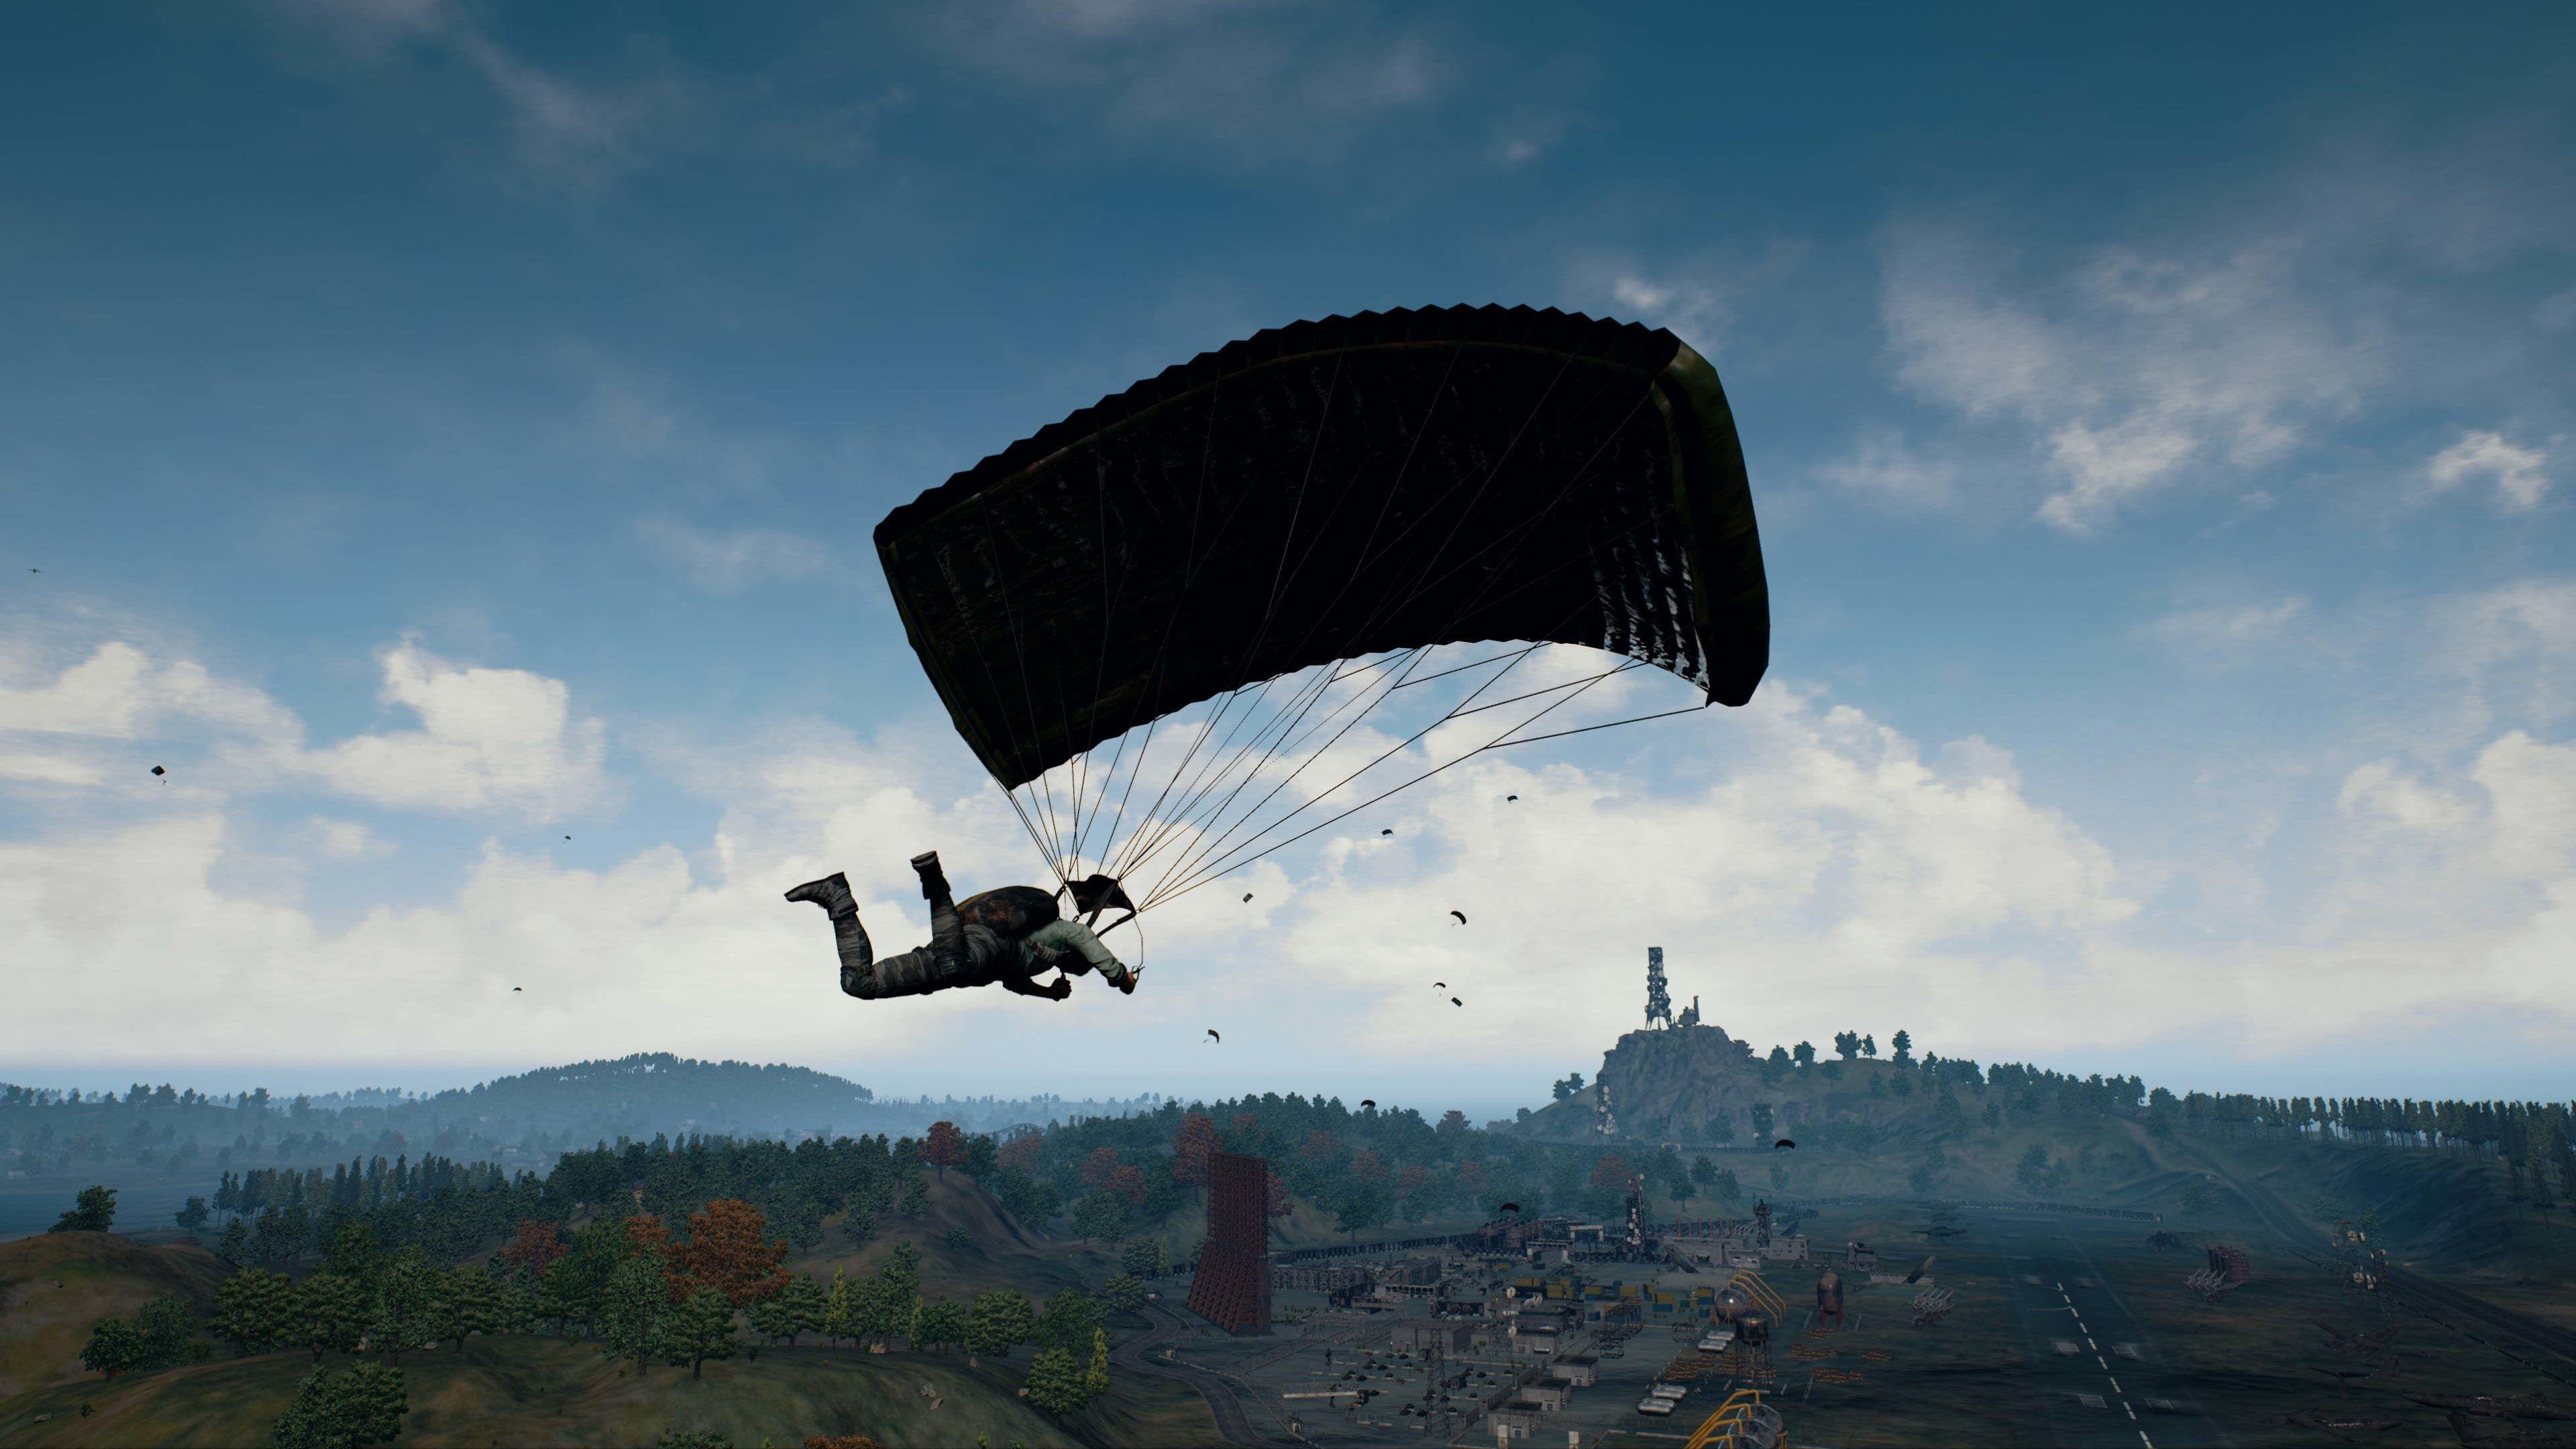 4k Ultra Hd Playerunknown's Battlegrounds Wallpapers,pubg - Pubg Wallpaper Parachute , HD Wallpaper & Backgrounds